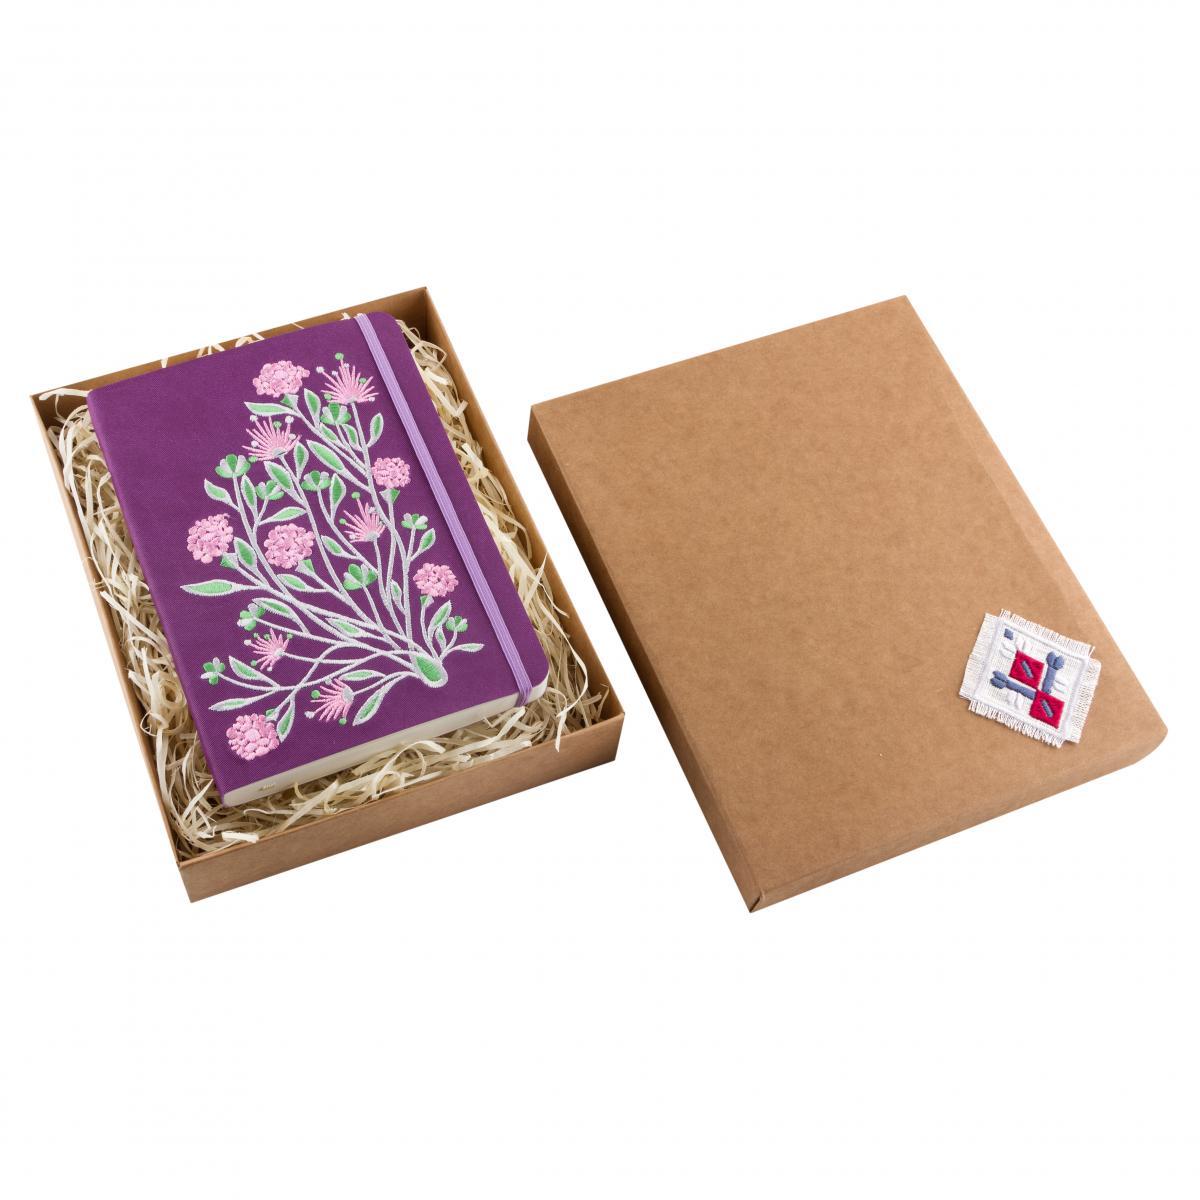 Блокнот фиолетового цвета с вышитыми цветами в коробочке. Фото №4. | Народный дом Украина